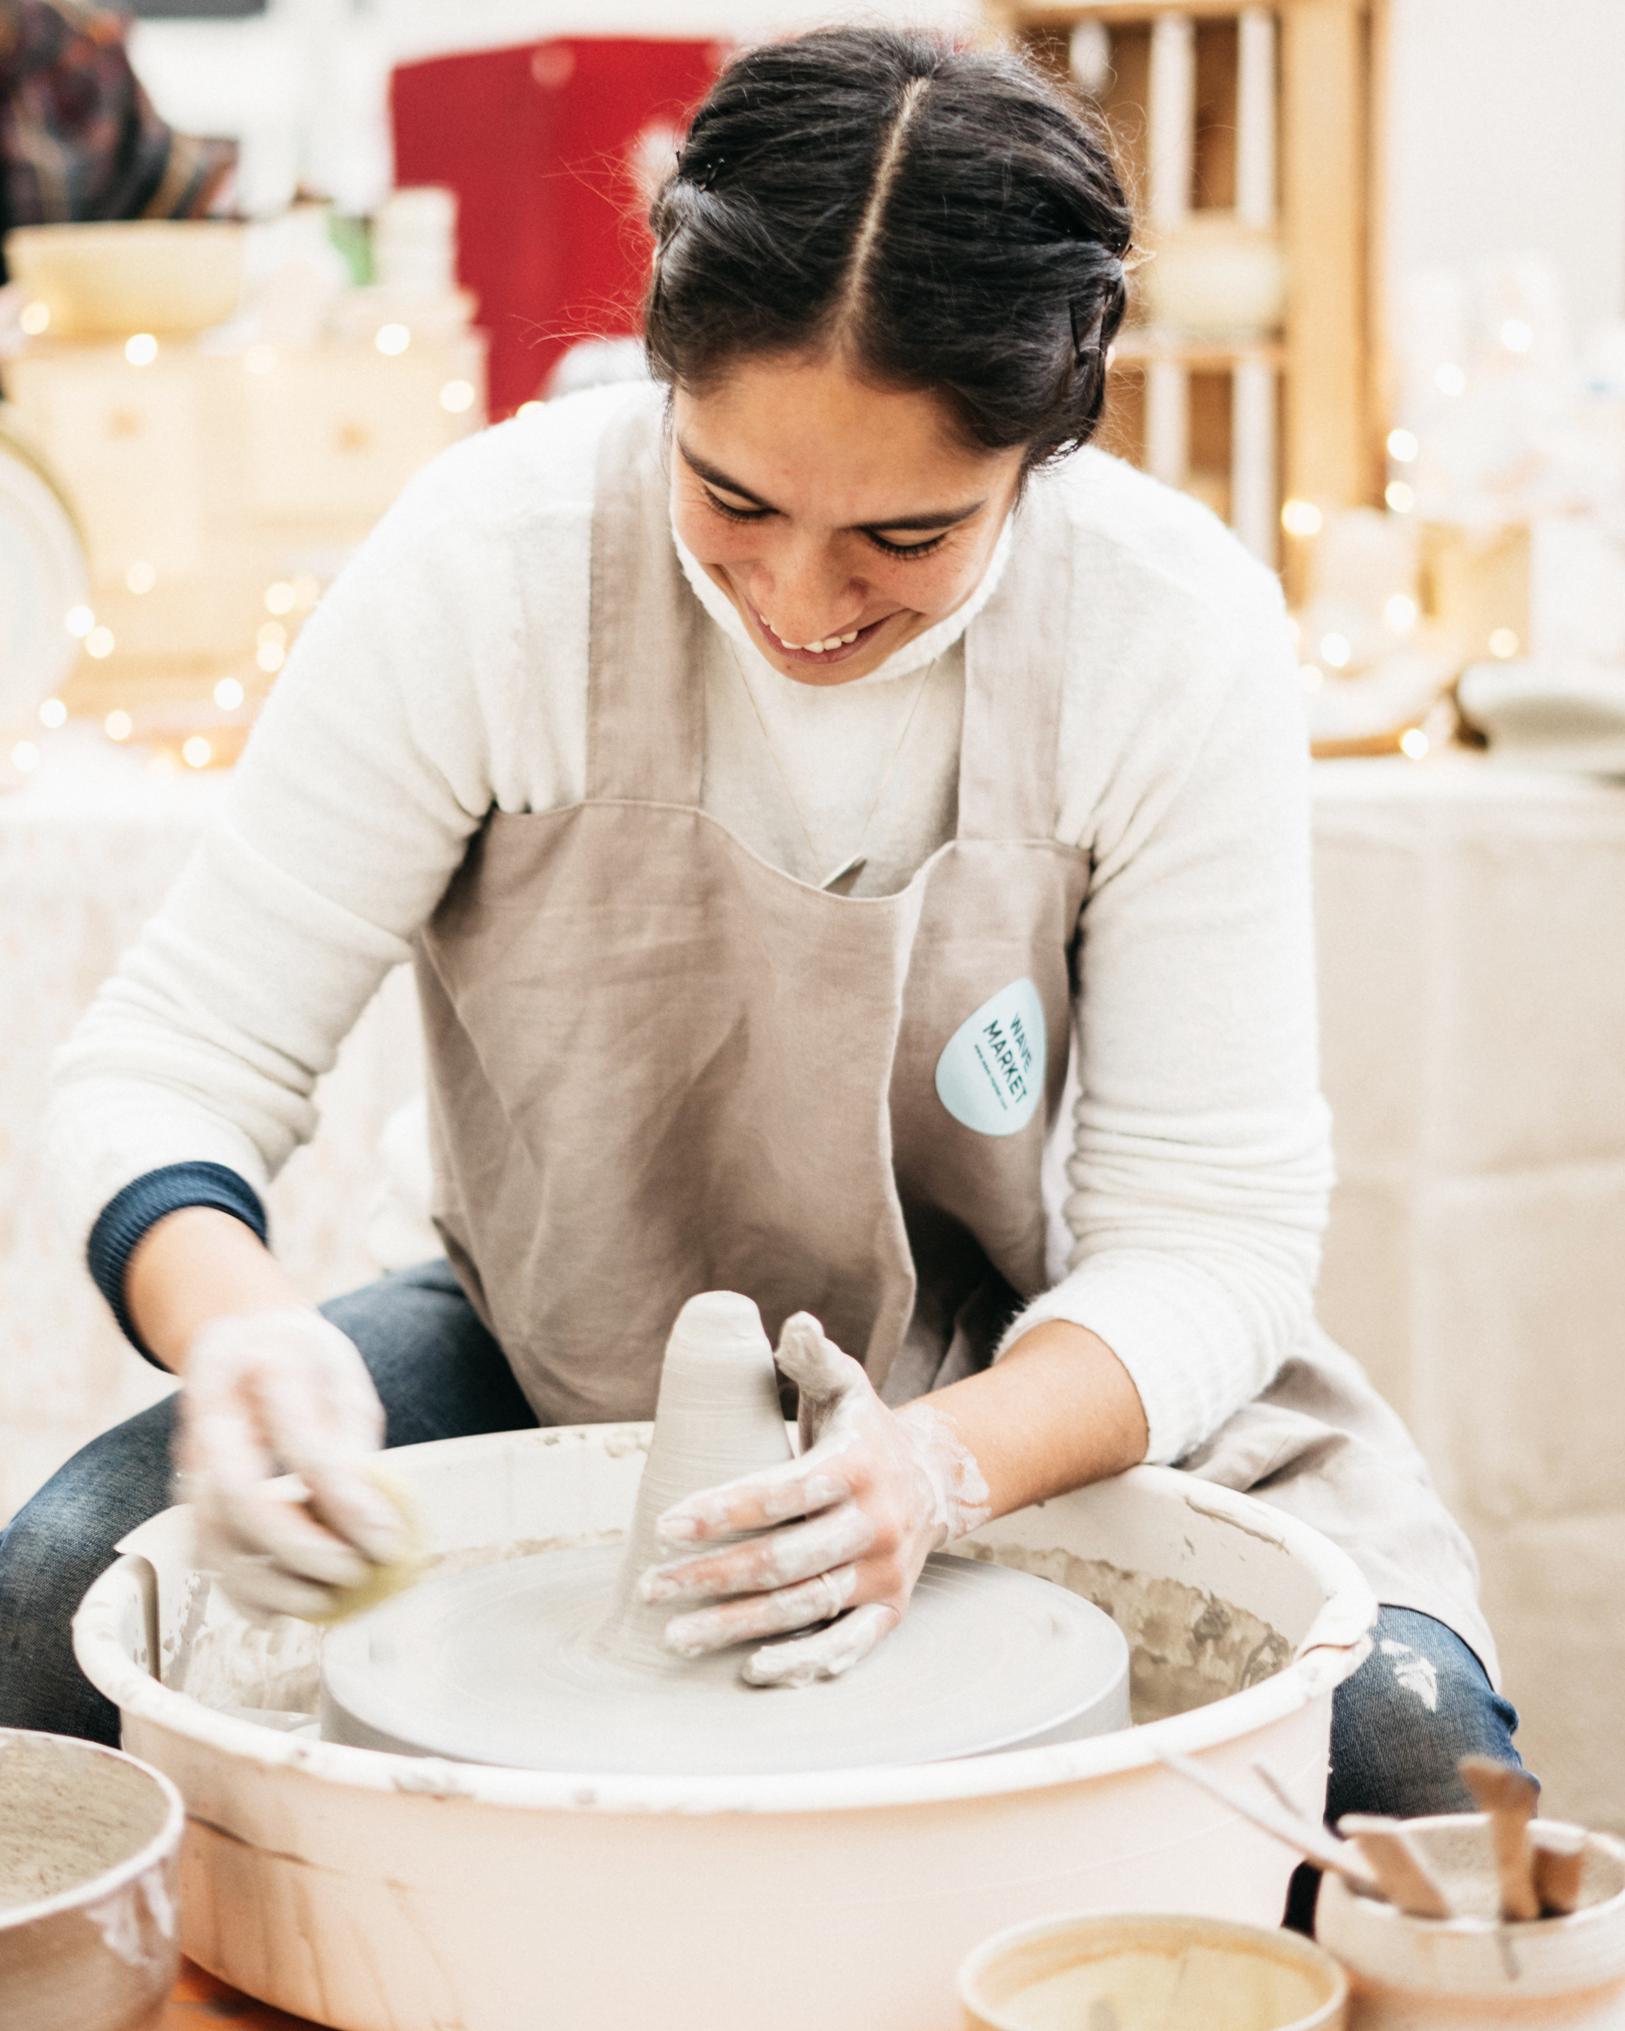 Craft - Partire dalla materia grezza per realizzare qualcosa di unico, che sia testimonianza di tradizione ed esp- ressione di creatività ed innovazione. Questo è il mantra che accomuna i nostri artigiani, che si occupano di prodotti per la persona, casa ed alimentari.